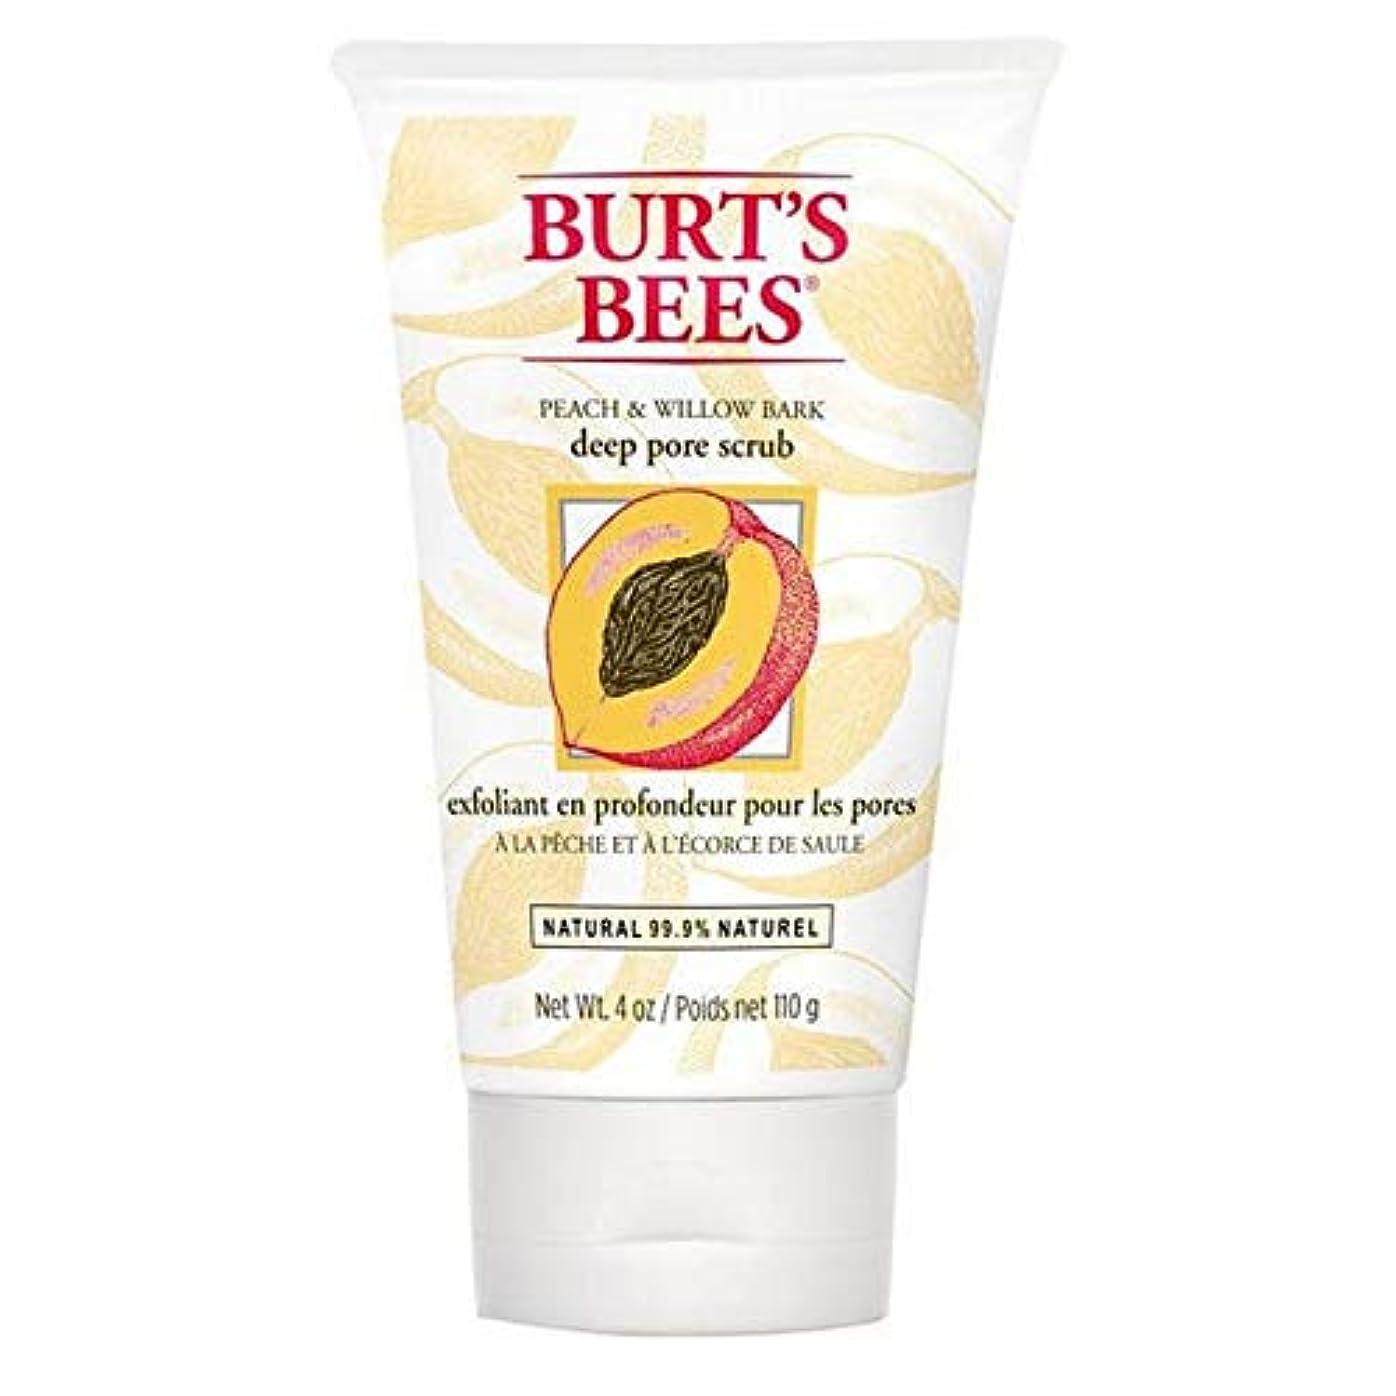 中性驚かす中古[Burt's Bees] バーツビーの桃とWillowbark深いポアスクラブ110グラム - Burt's Bees Peach and Willowbark Deep Pore Scrub 110g [並行輸入品]